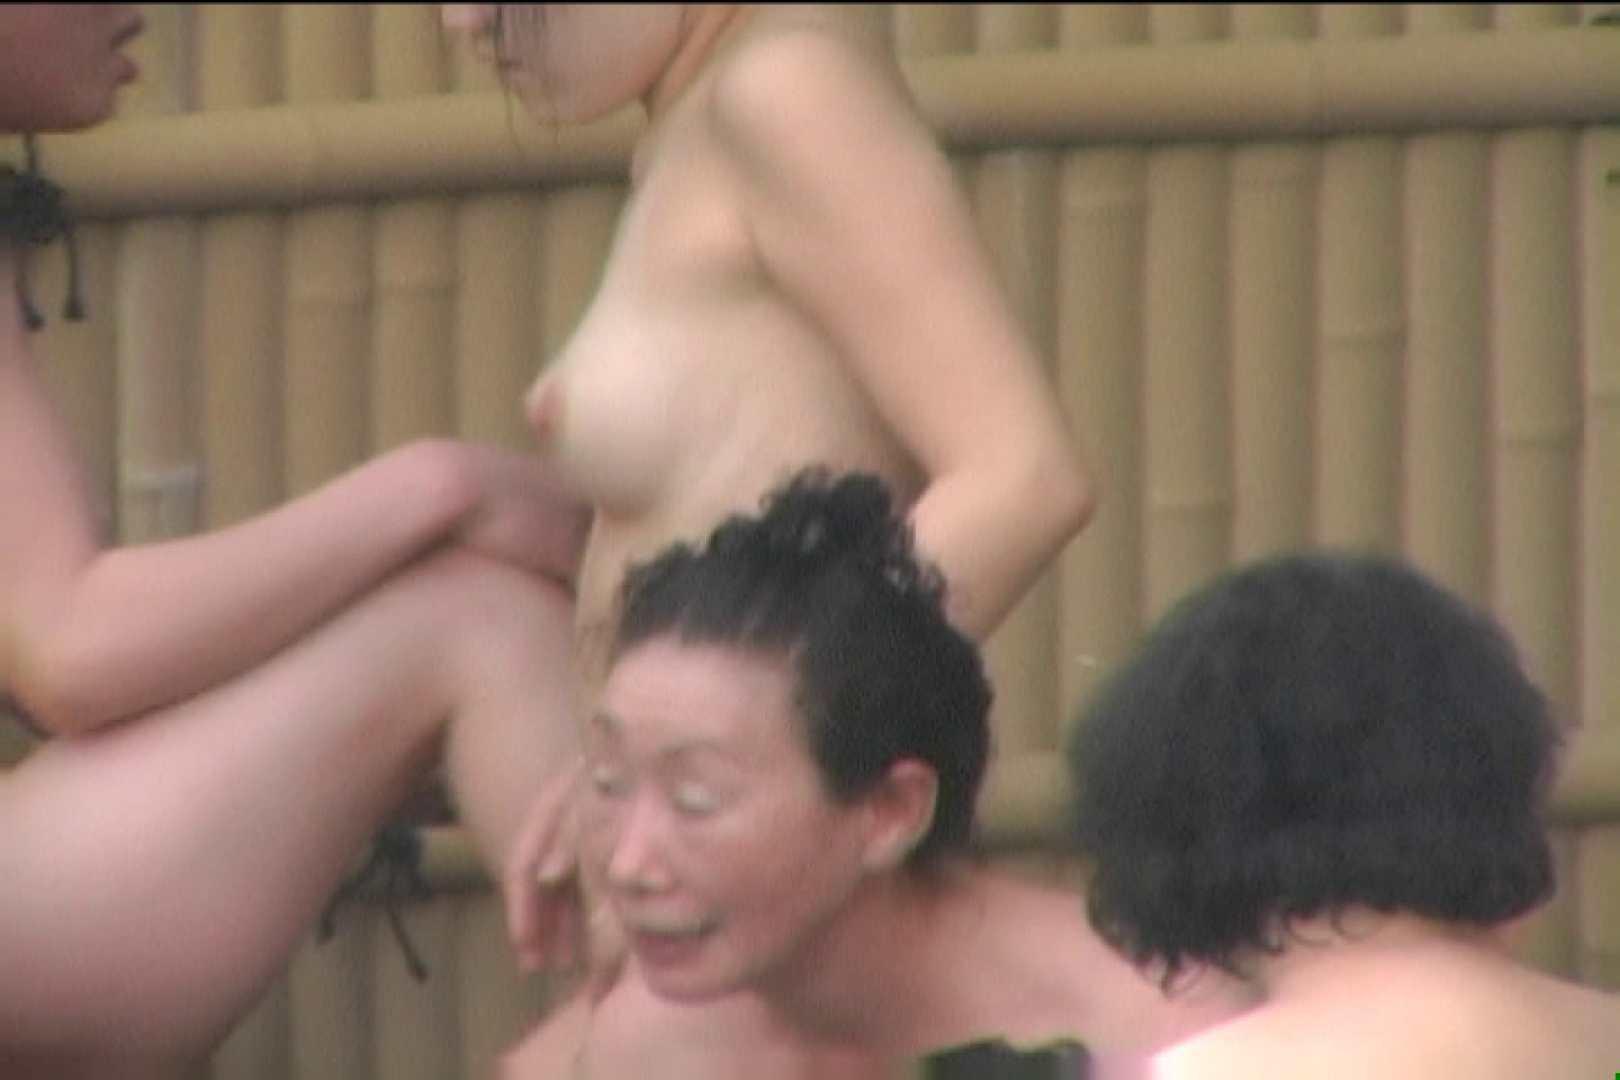 高画質露天女風呂観察 vol.020 入浴 盗撮セックス無修正動画無料 105PICs 33